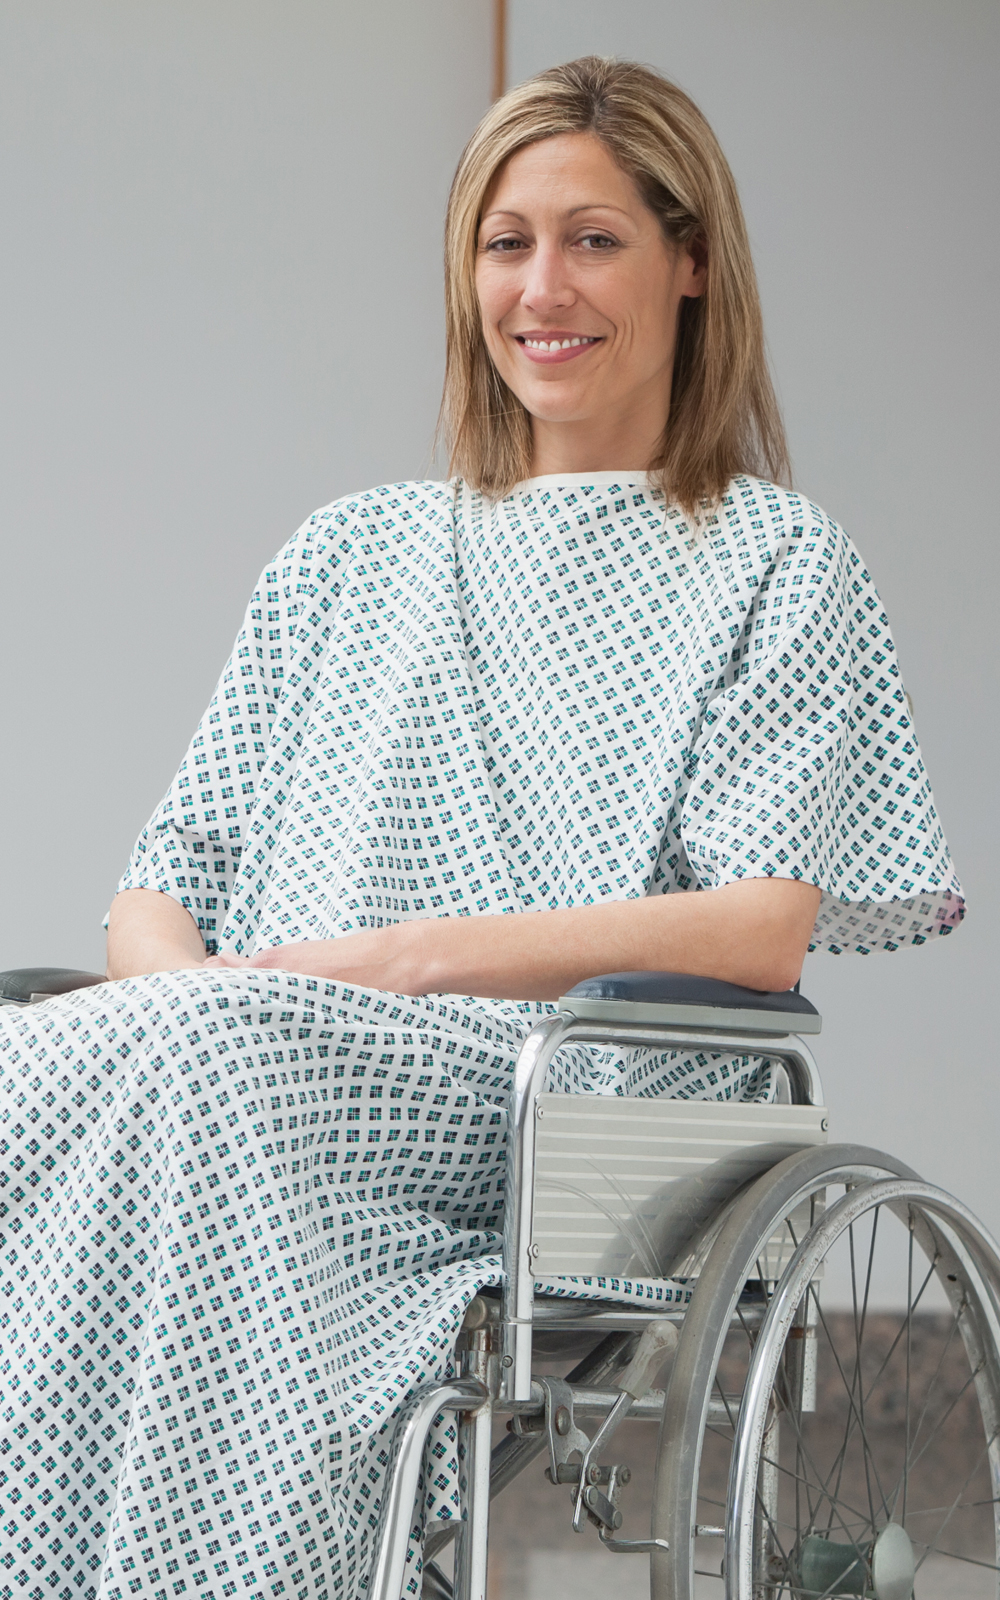 patient-gown-ar-2